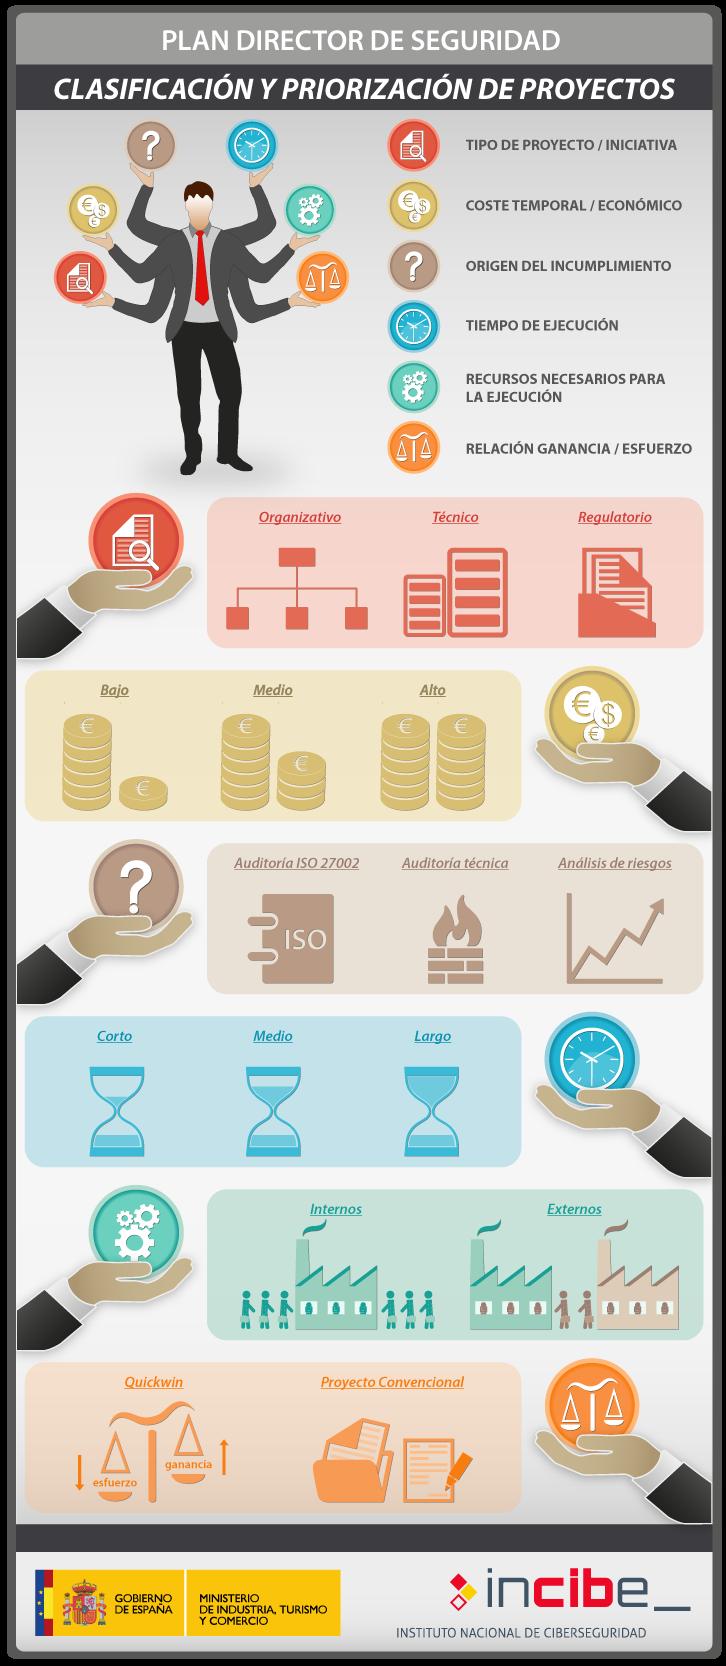 Clasificación y priorización de proyectos de Seguridad Informática